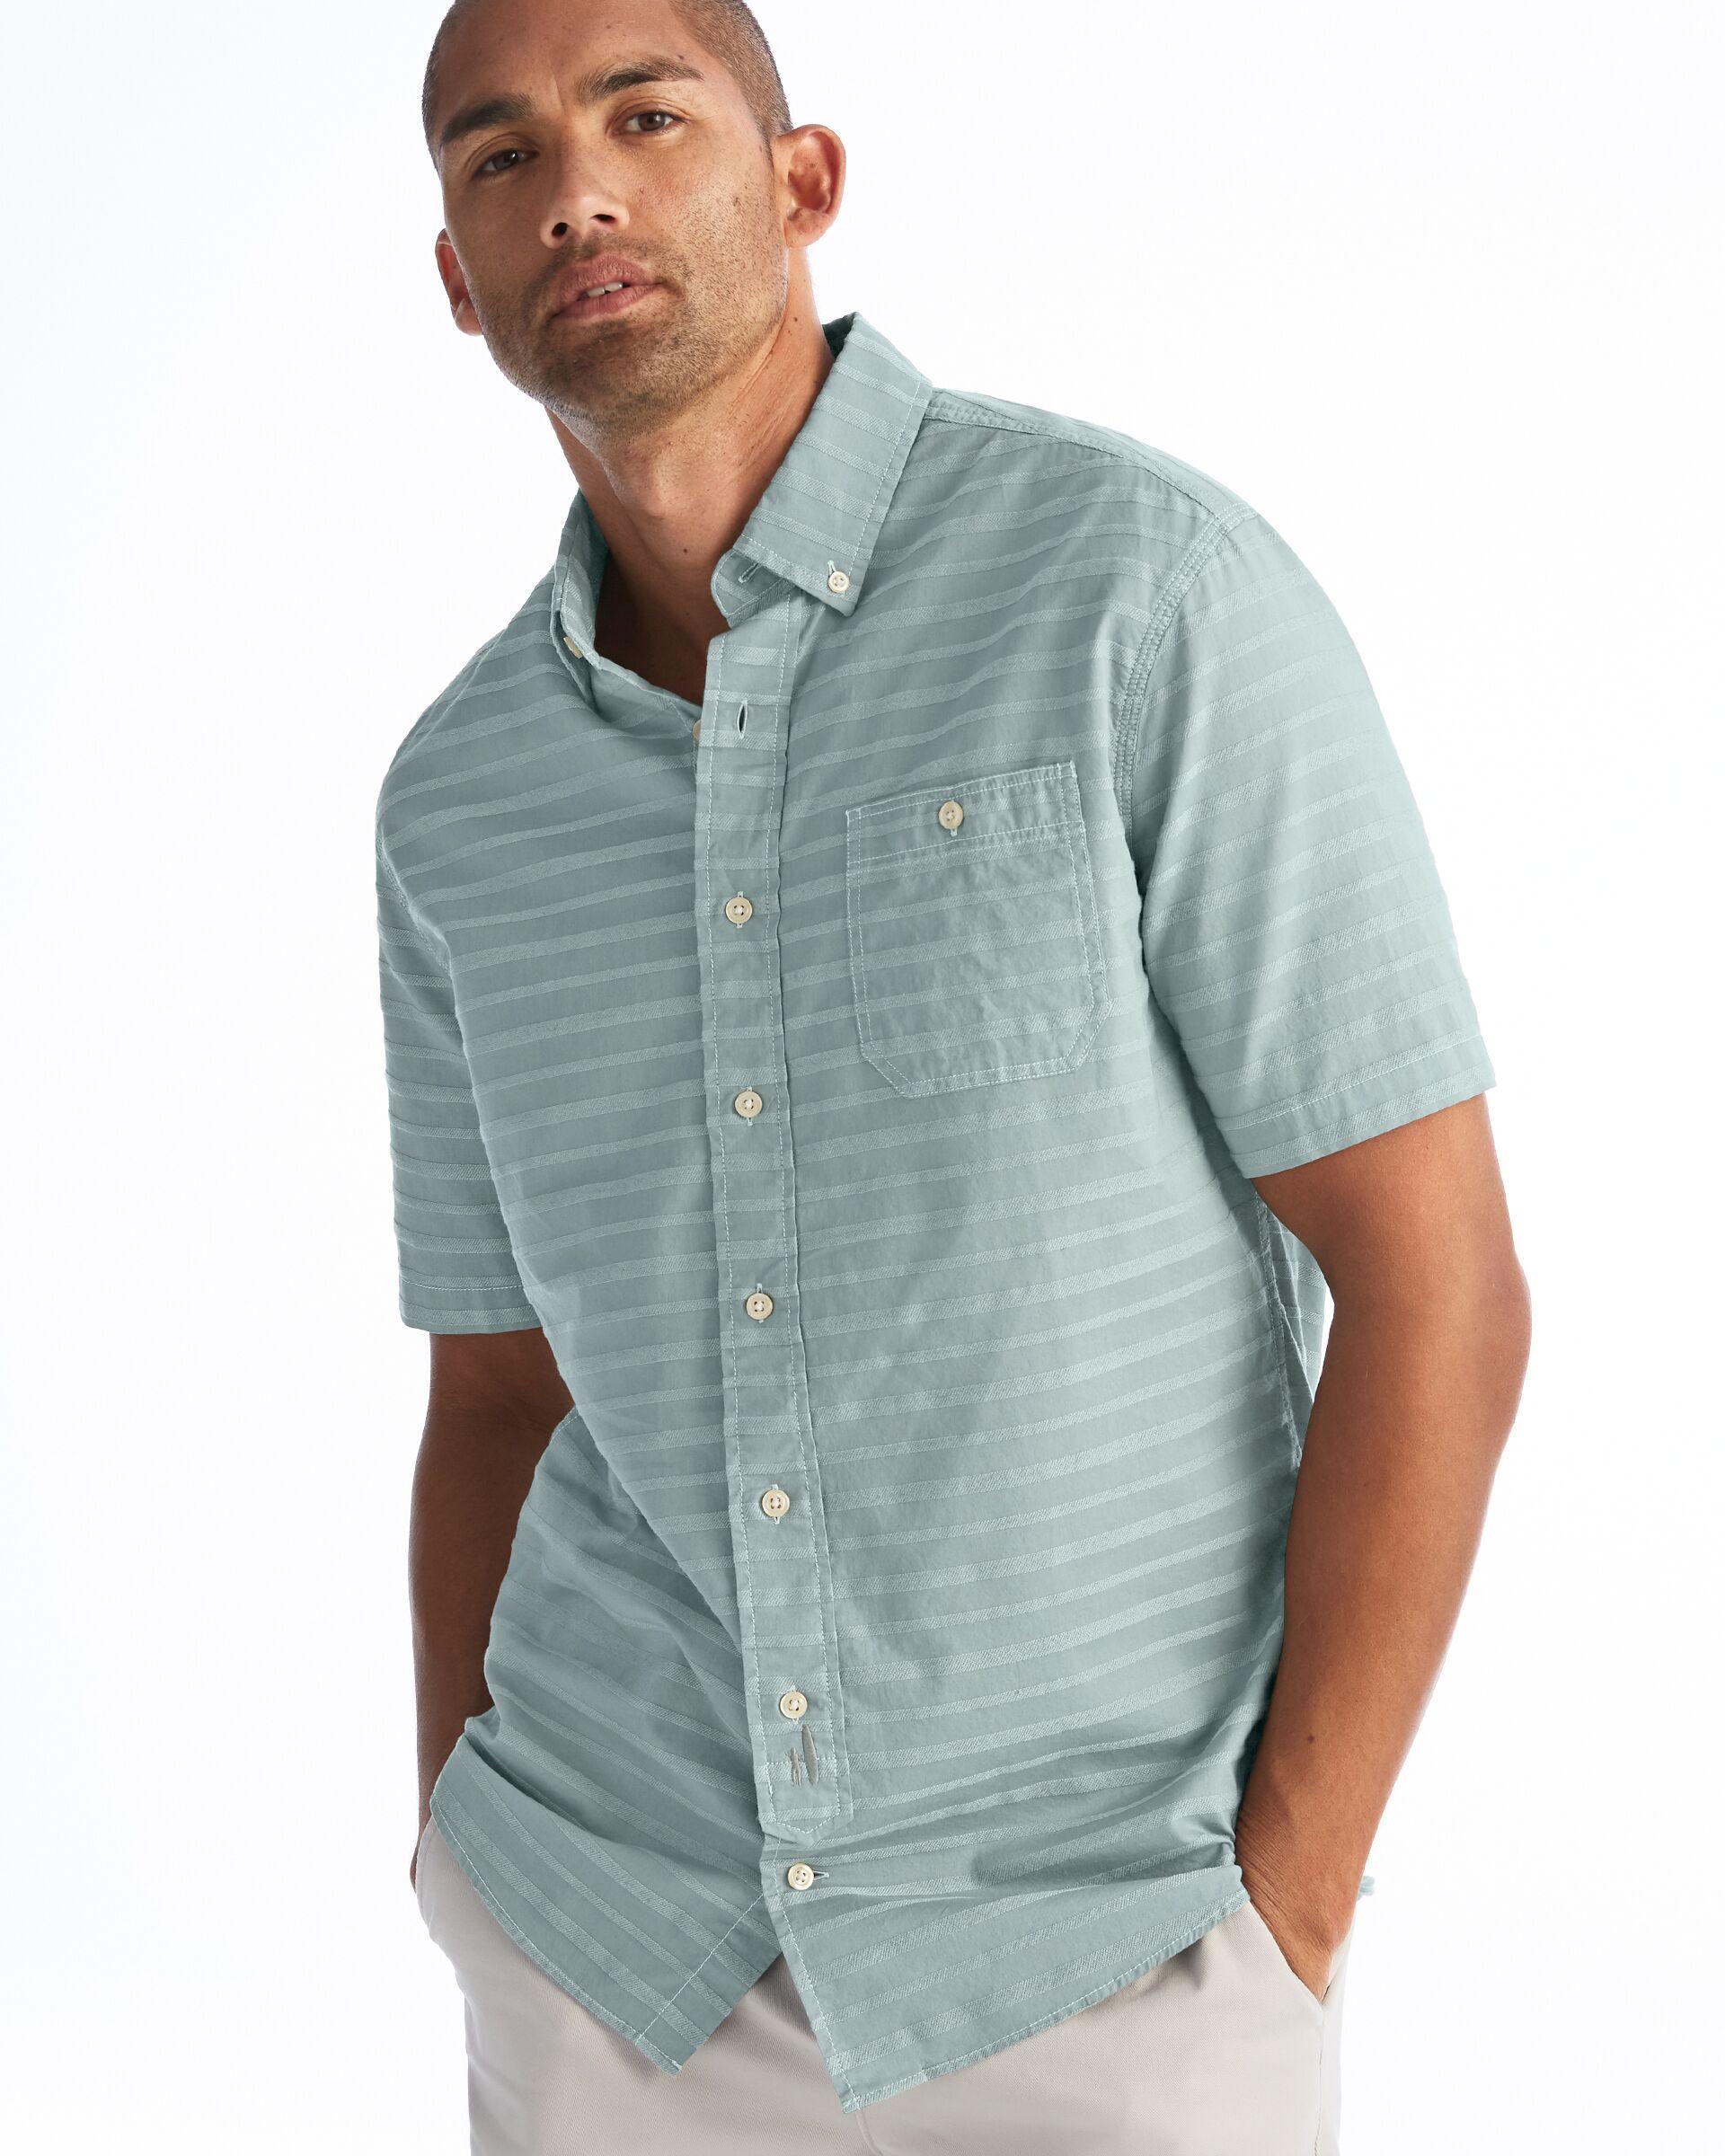 Raleigh Hangin' Out Spread Collar Short Sleeve Shirt (Avocado)